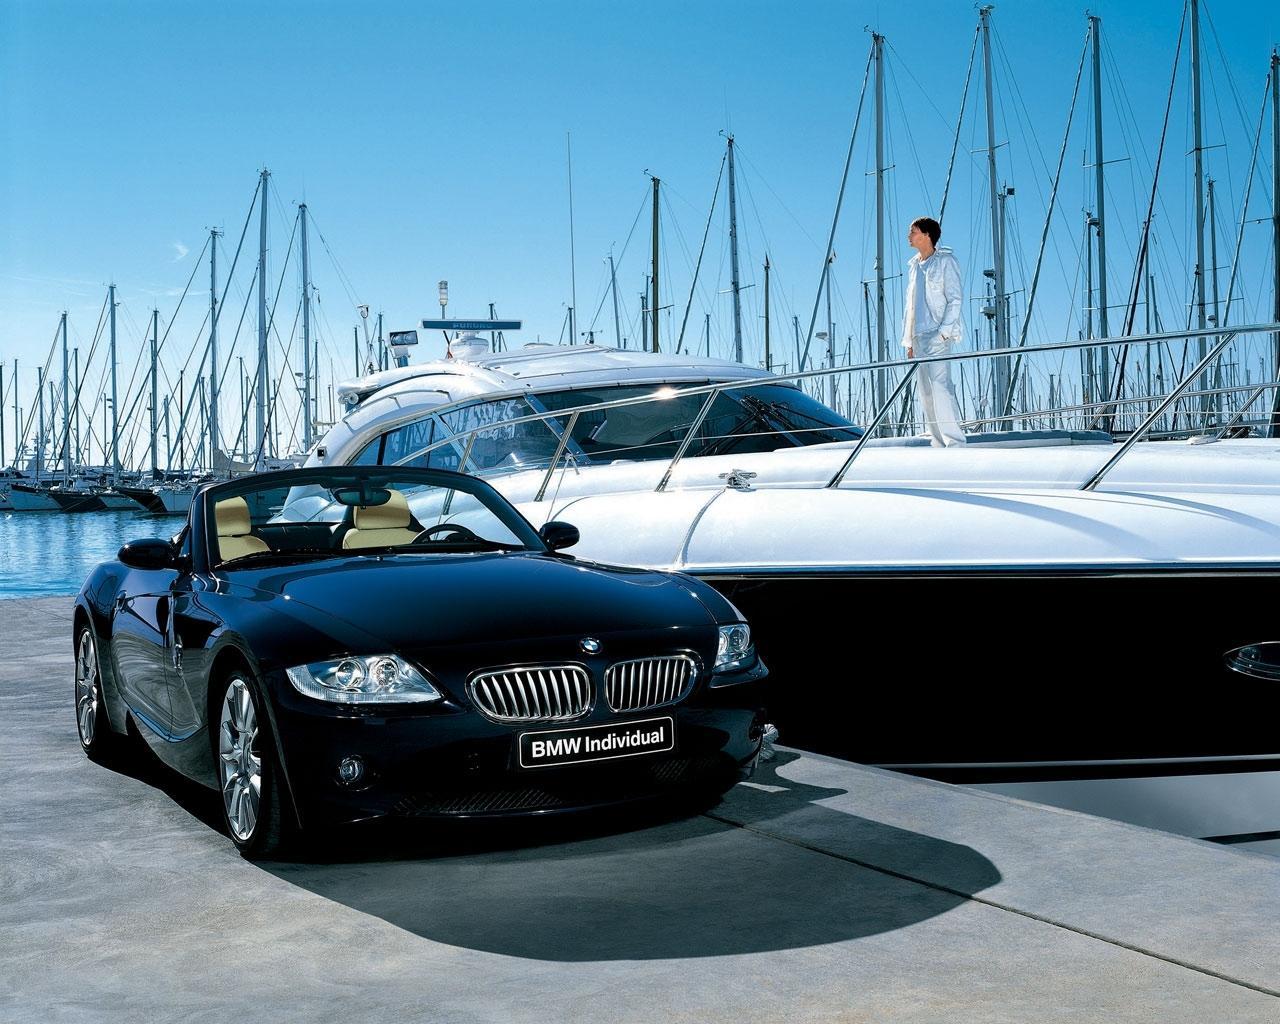 Картинка БМВ BMW Z4 авто BMW машина машины Автомобили автомобиль